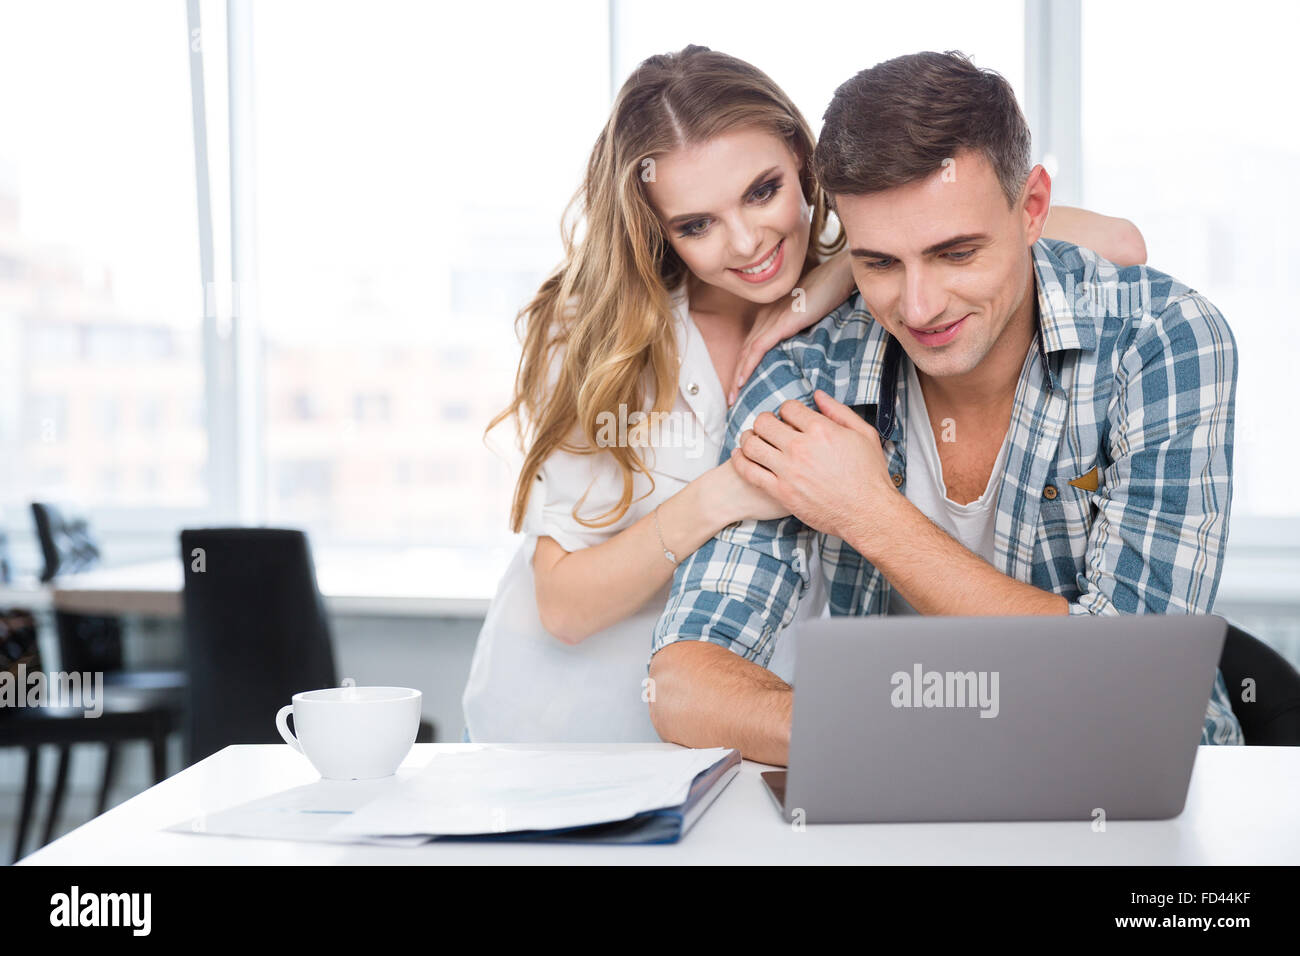 Glückliche schöne Paar mit Laptop sitzen zusammen am Tisch zu Hause Stockfoto